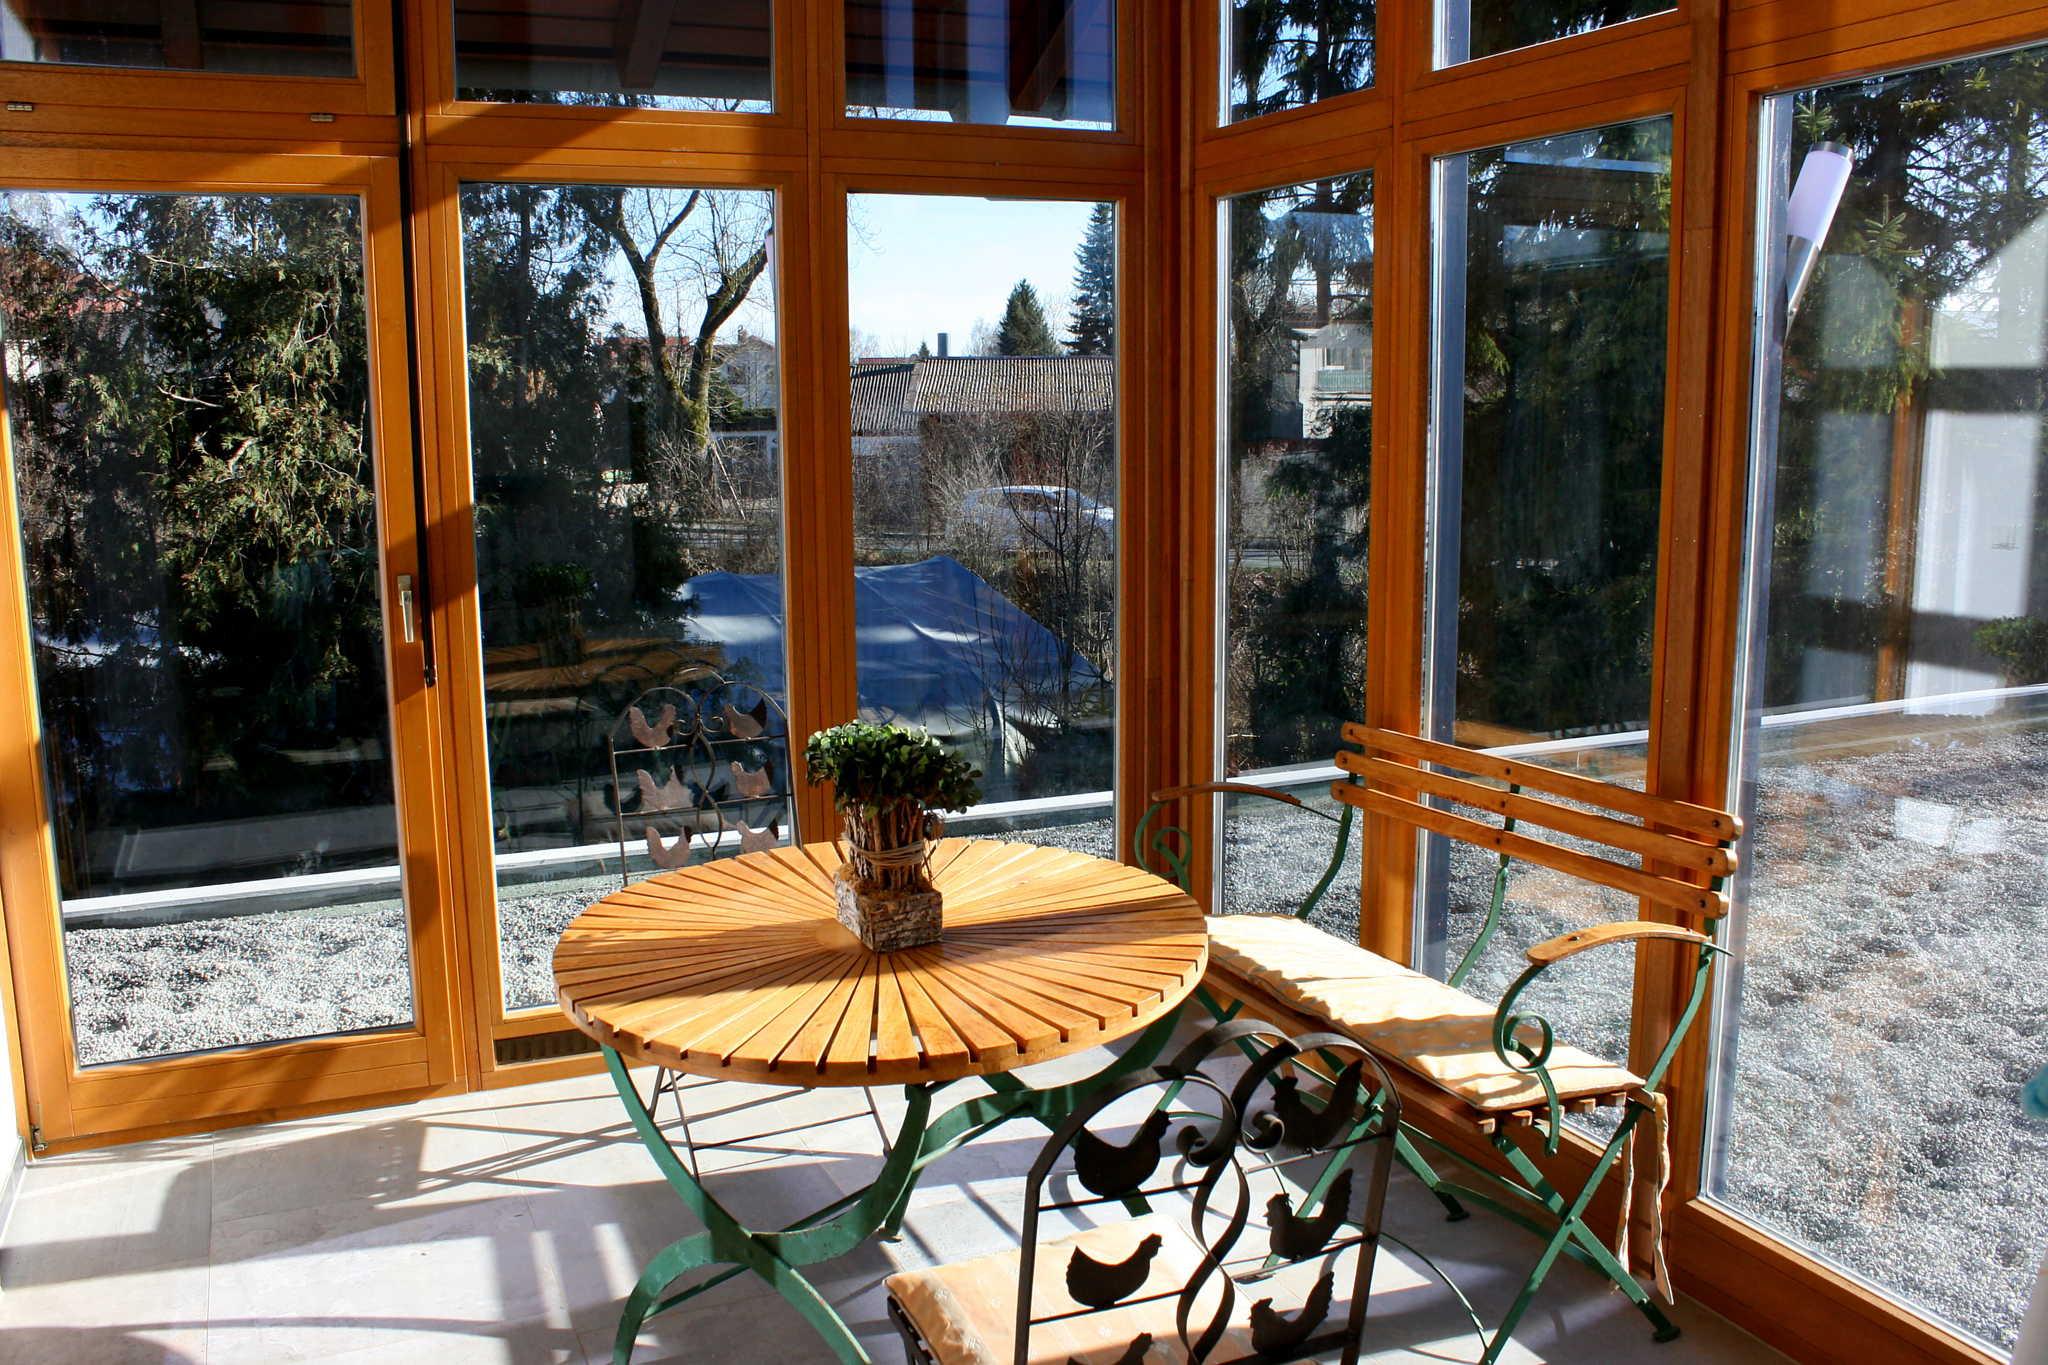 ferienhaus bauerngarten ferienwohnung 1 in bad buchau baden w rttemberg udo ehlhardt. Black Bedroom Furniture Sets. Home Design Ideas